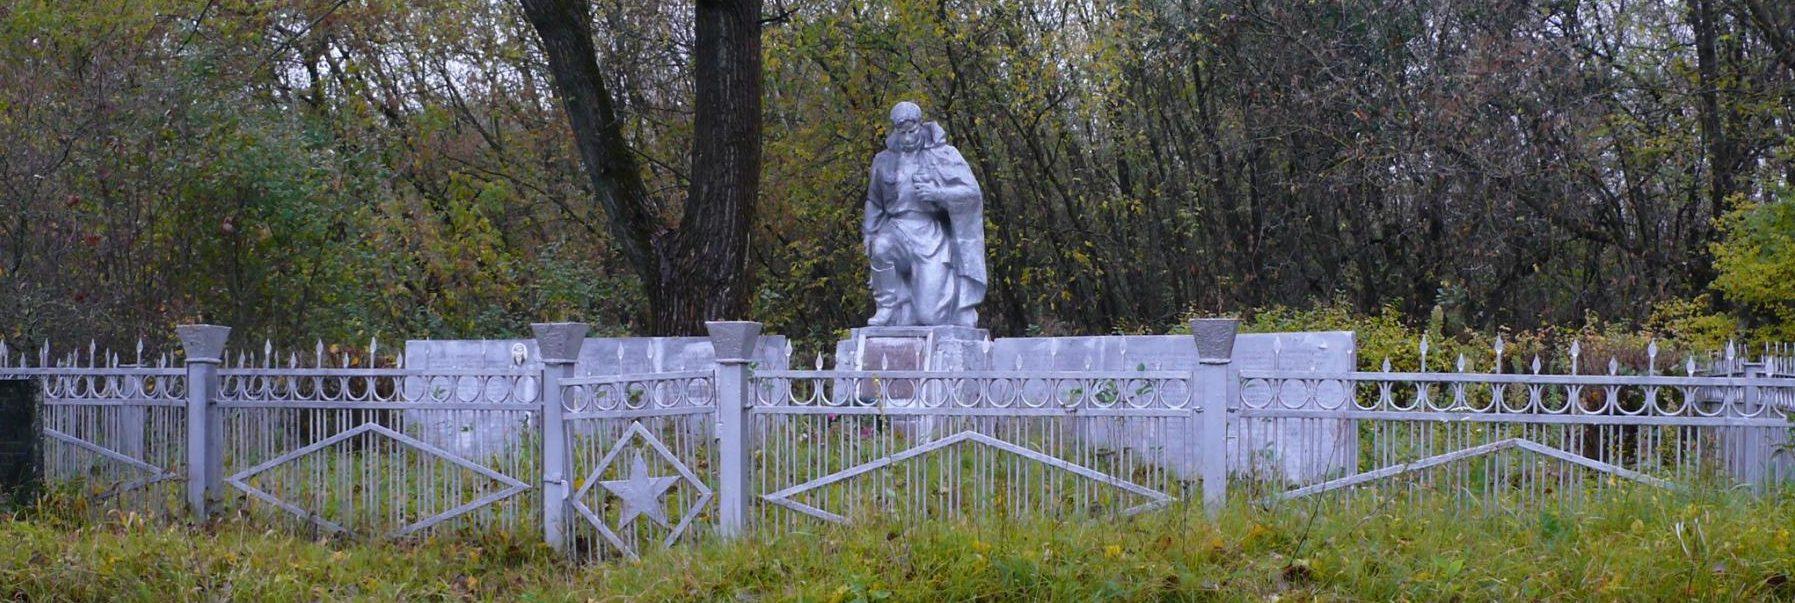 с. Залесье, Чернобыльская зона отчуждения. Памятник на братской могиле, в которой захоронены воины 6-й Гвардейской стрелковой дивизии, 8-й и 280-й стрелковой дивизий, в т.ч. пять Героев Советского Союза.